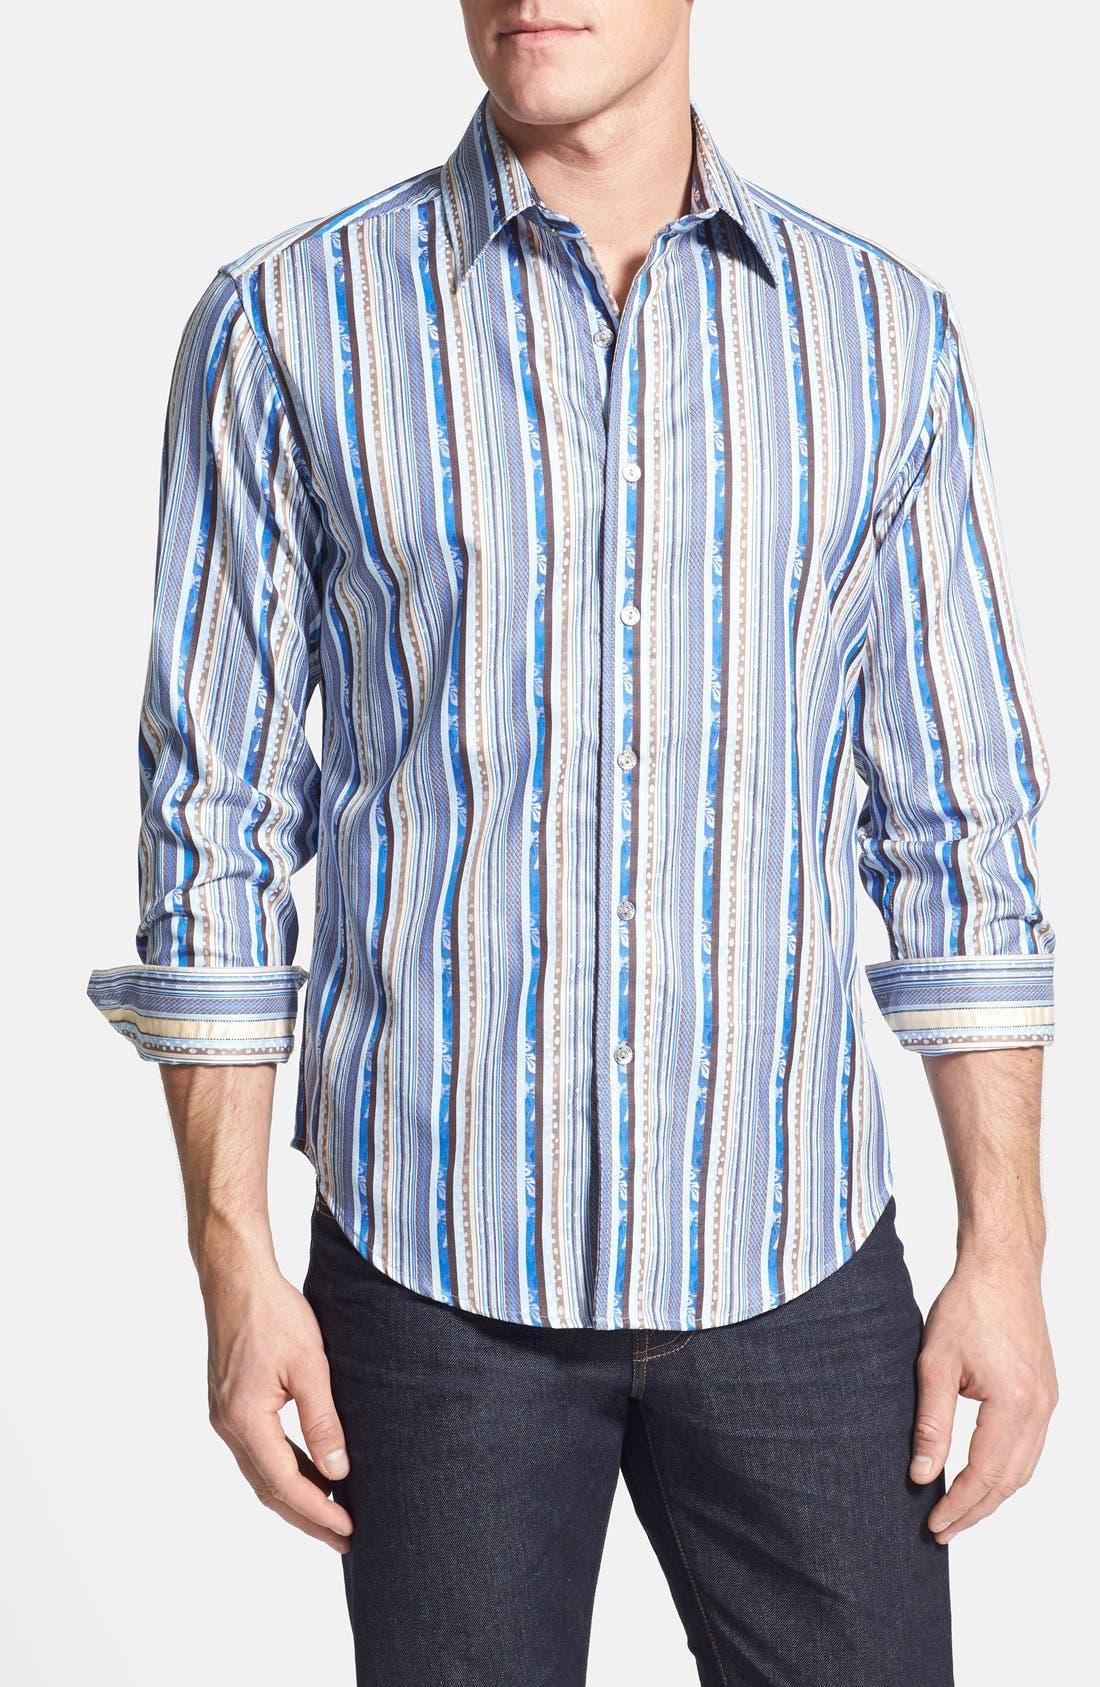 Main Image - Robert Graham 'Laurino' Jacquard Sport Shirt